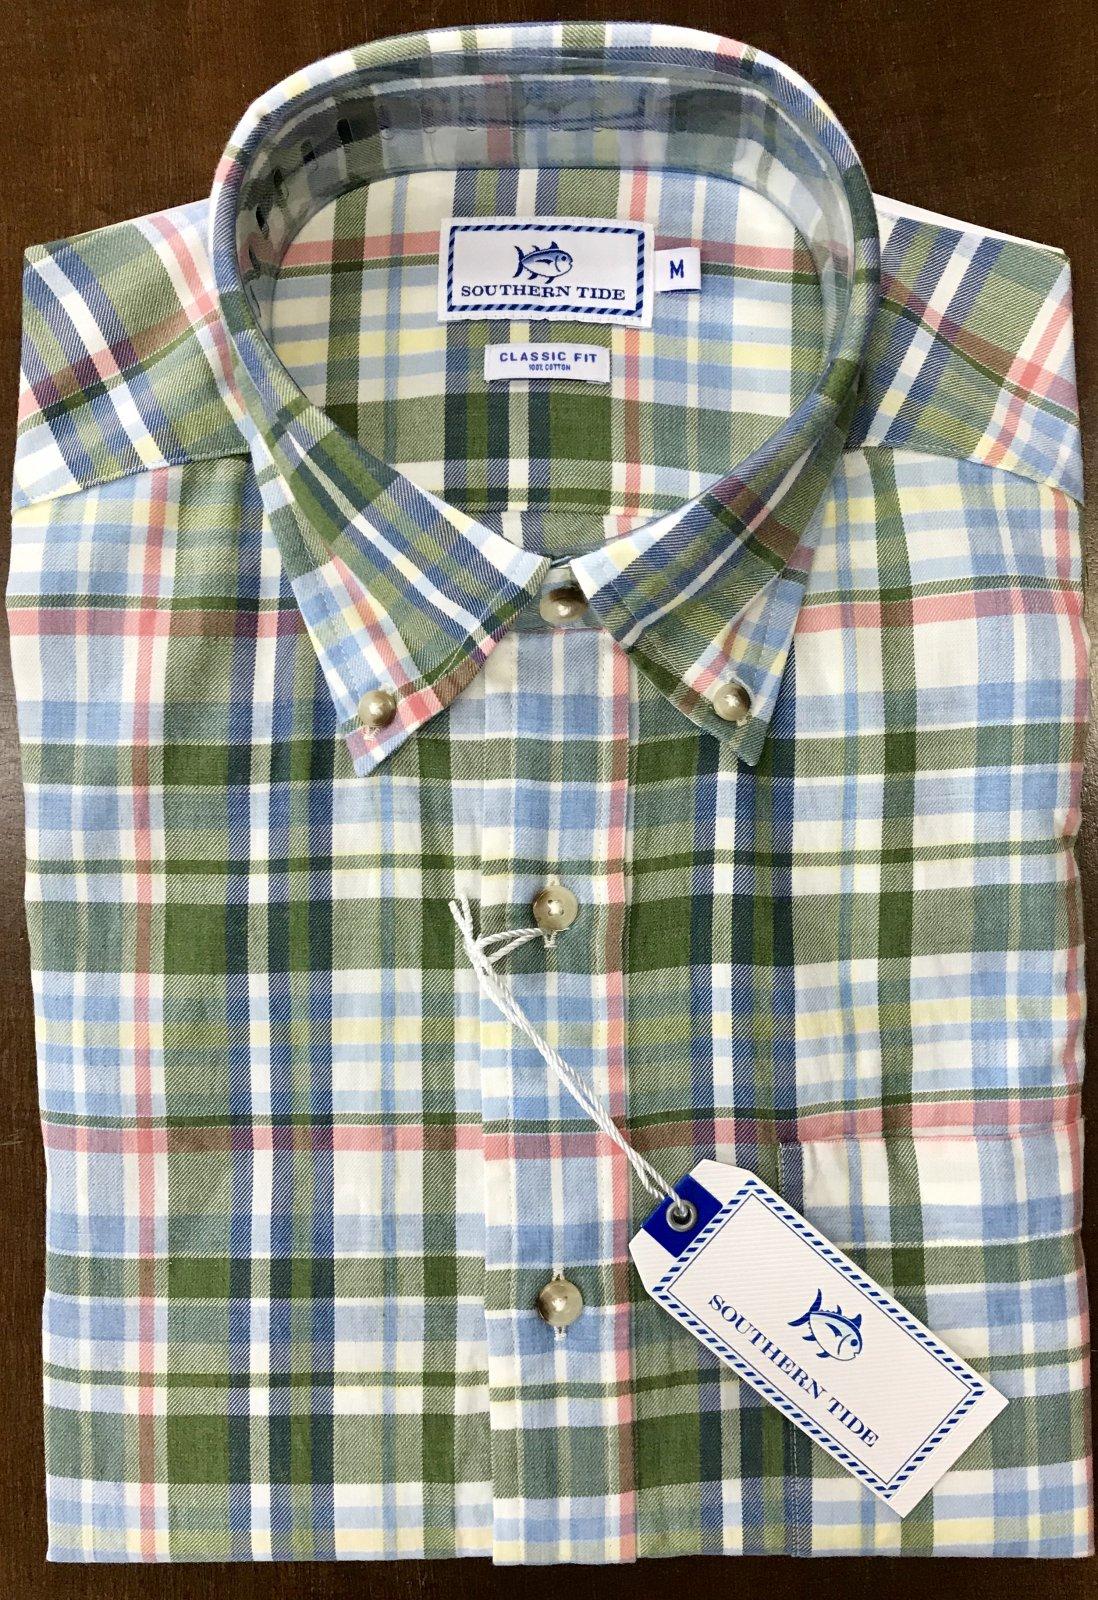 Southern Tide Westlake Plaid Shirt